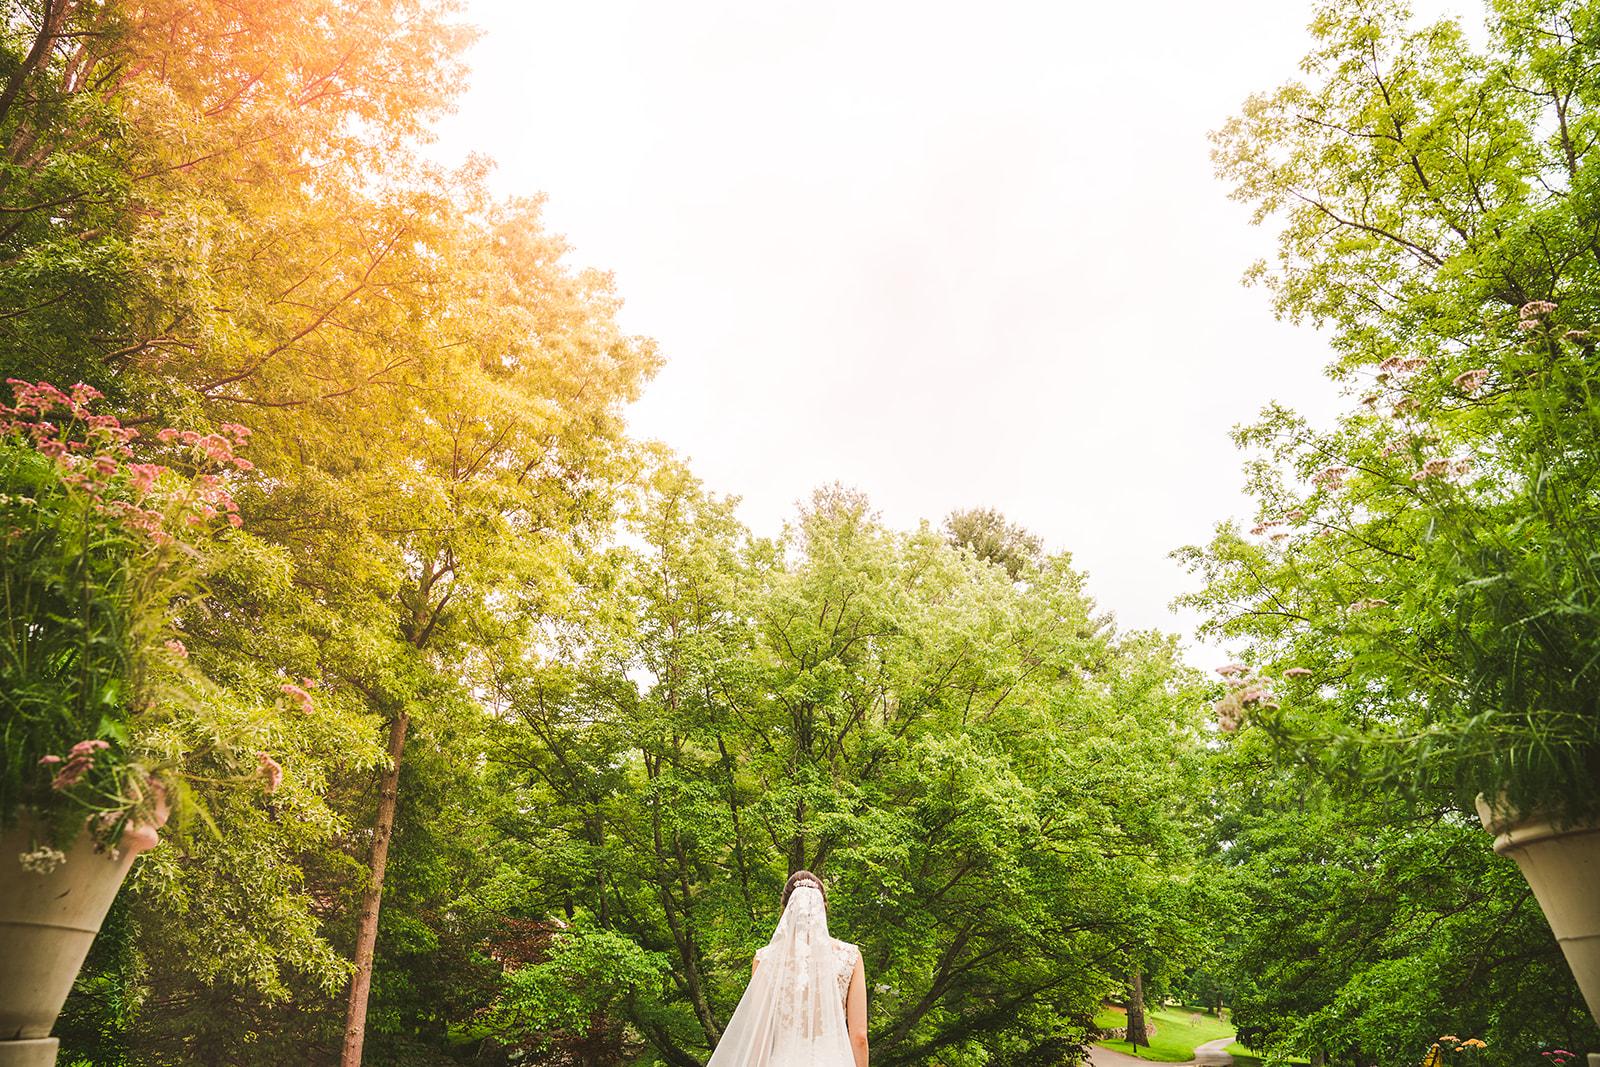 06-02-18-Danielle-Josh-WEDDING-Airlie-VA-1242.jpg